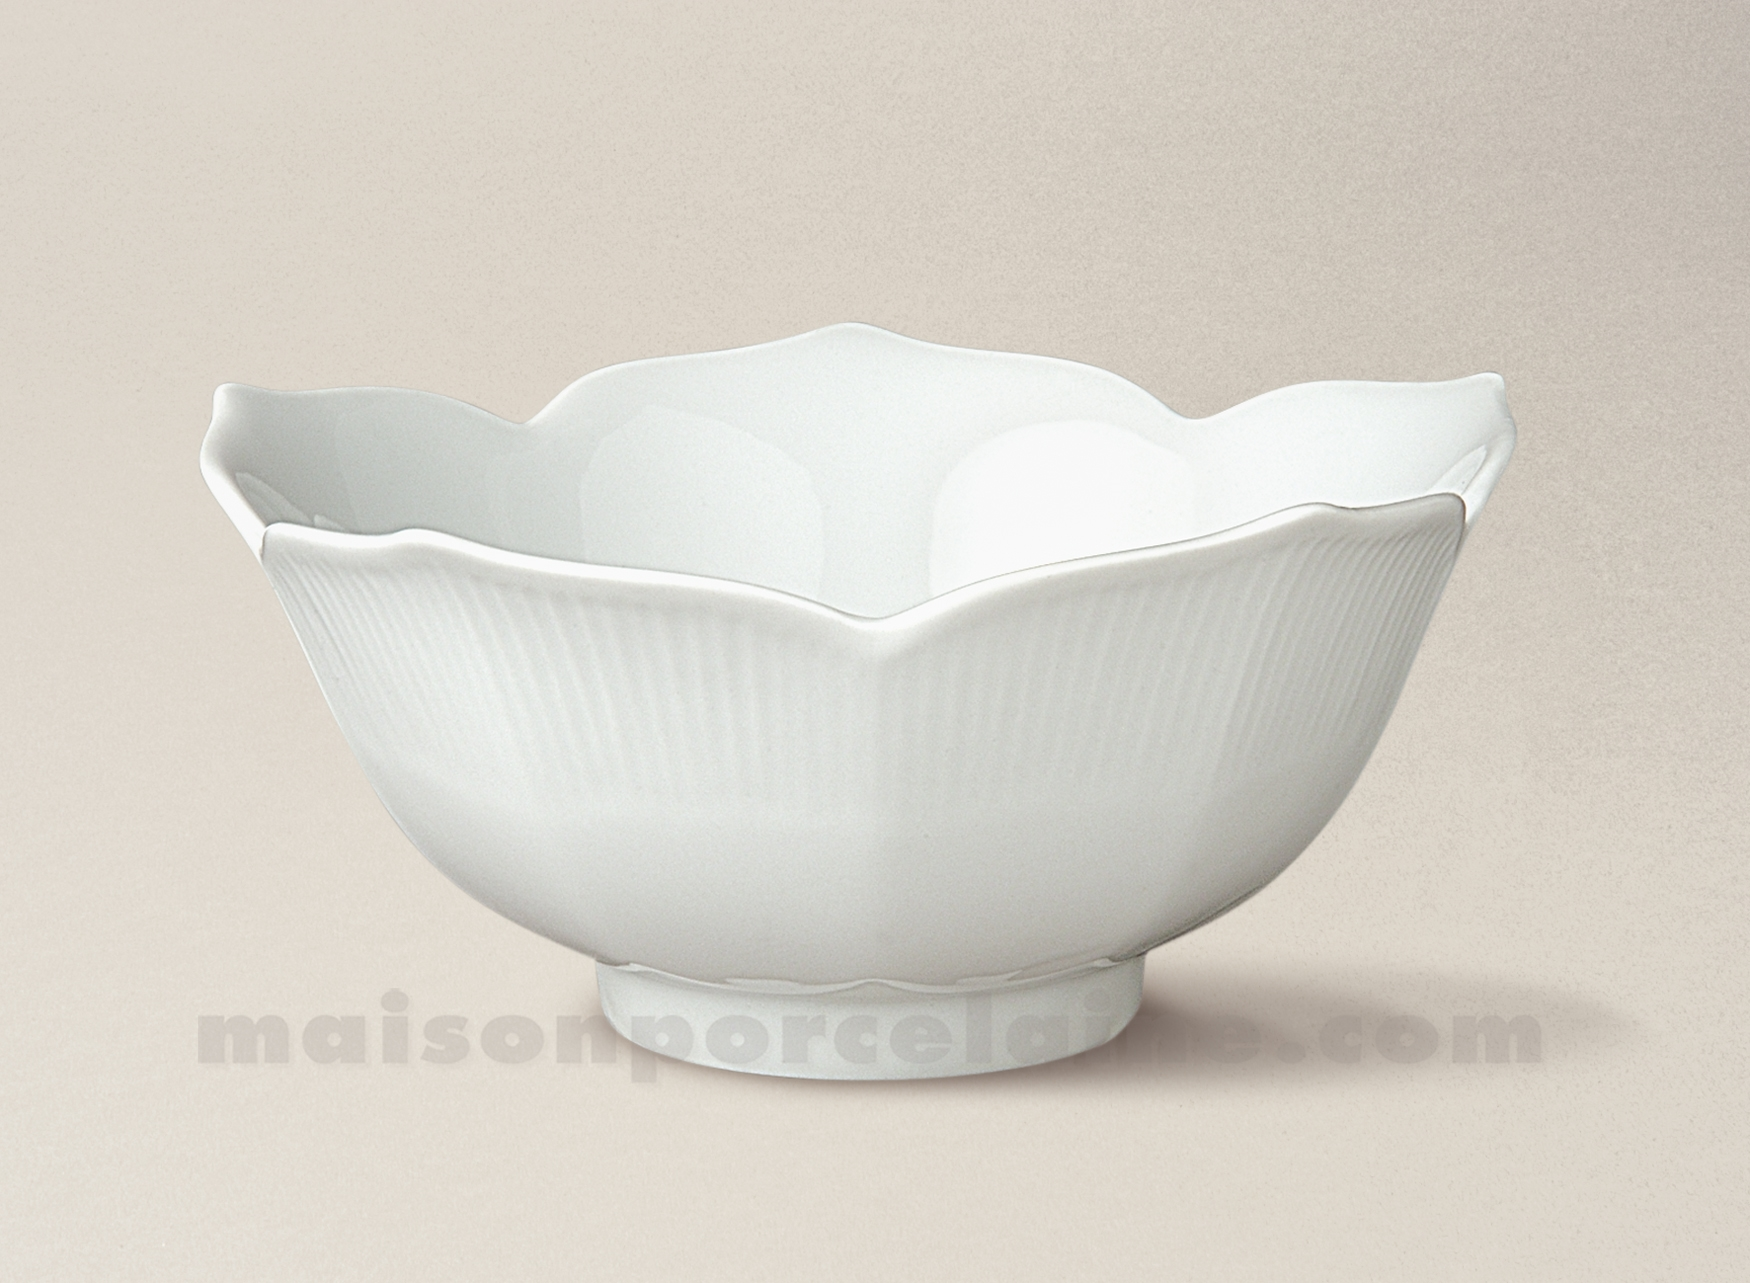 coupelle porcelaine blanche lotus mm 15x5 maison de la porcelaine. Black Bedroom Furniture Sets. Home Design Ideas